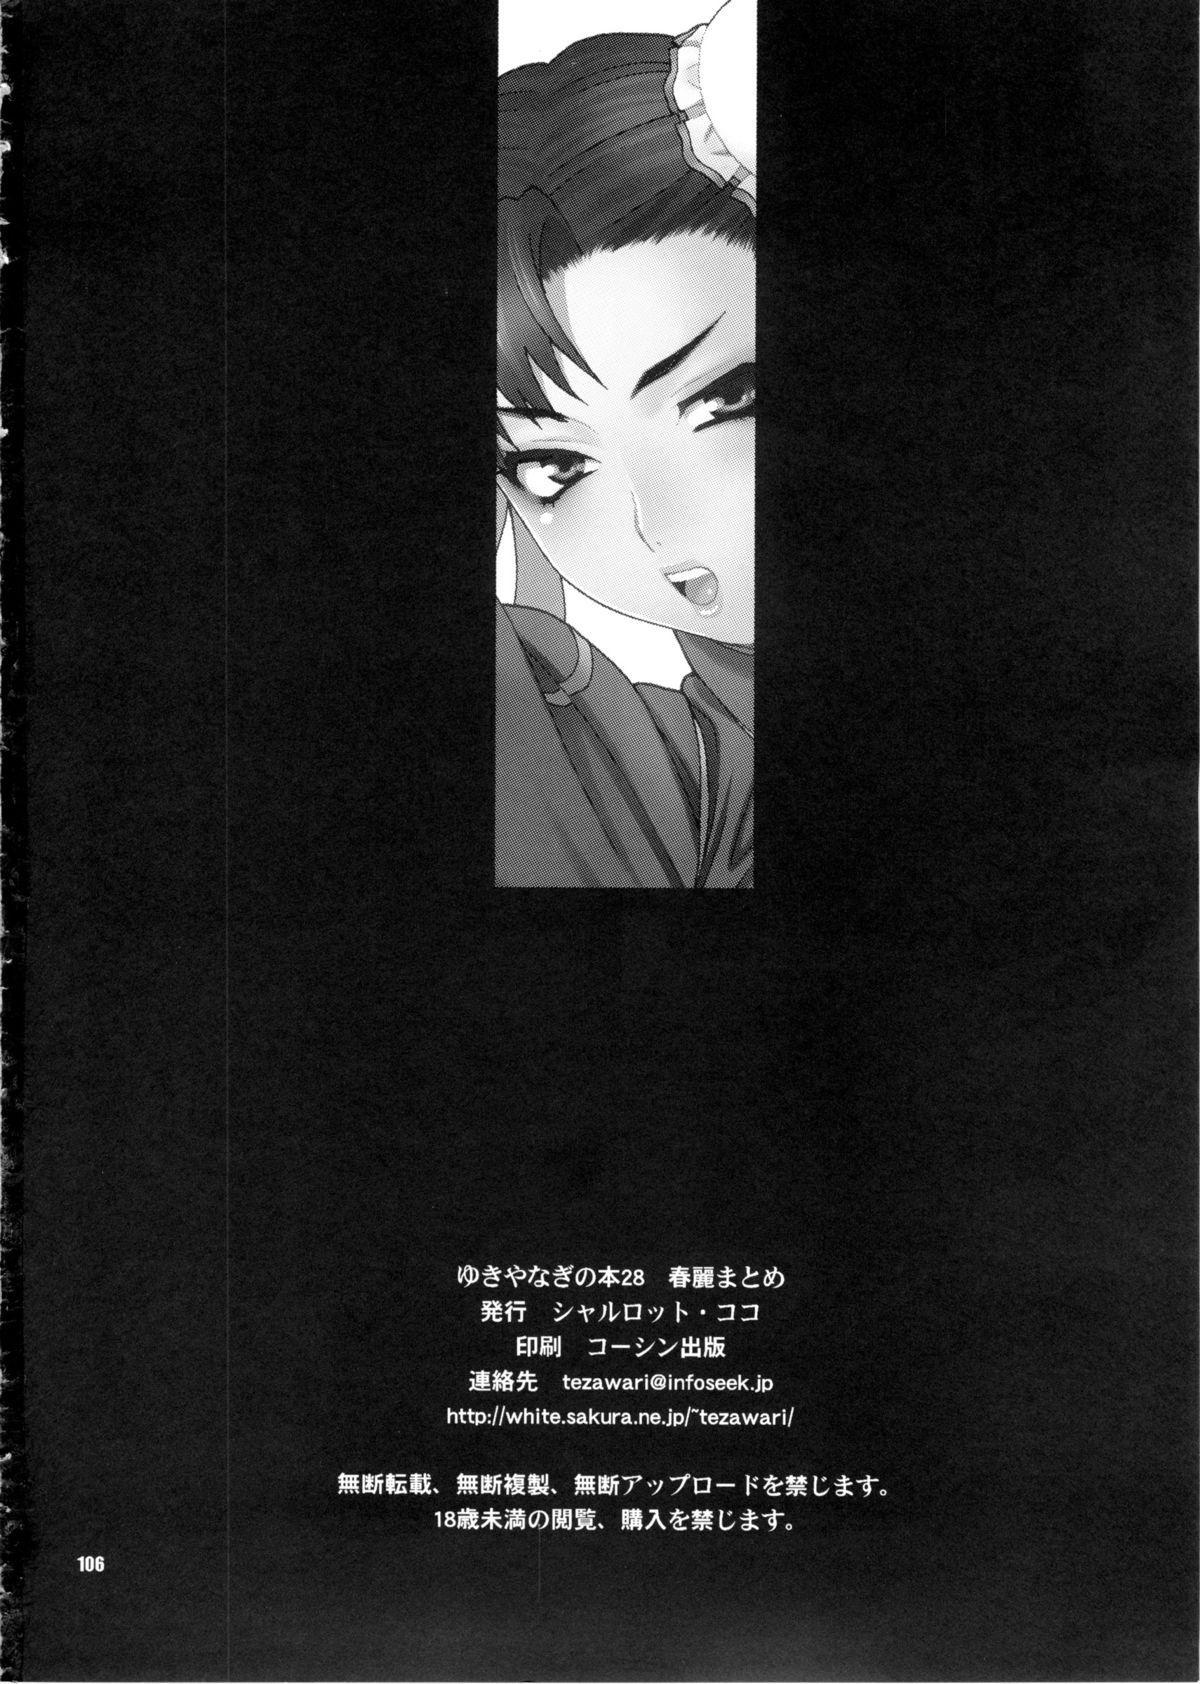 Yukiyanagi no Hon 28 Chun-Li Matome 105